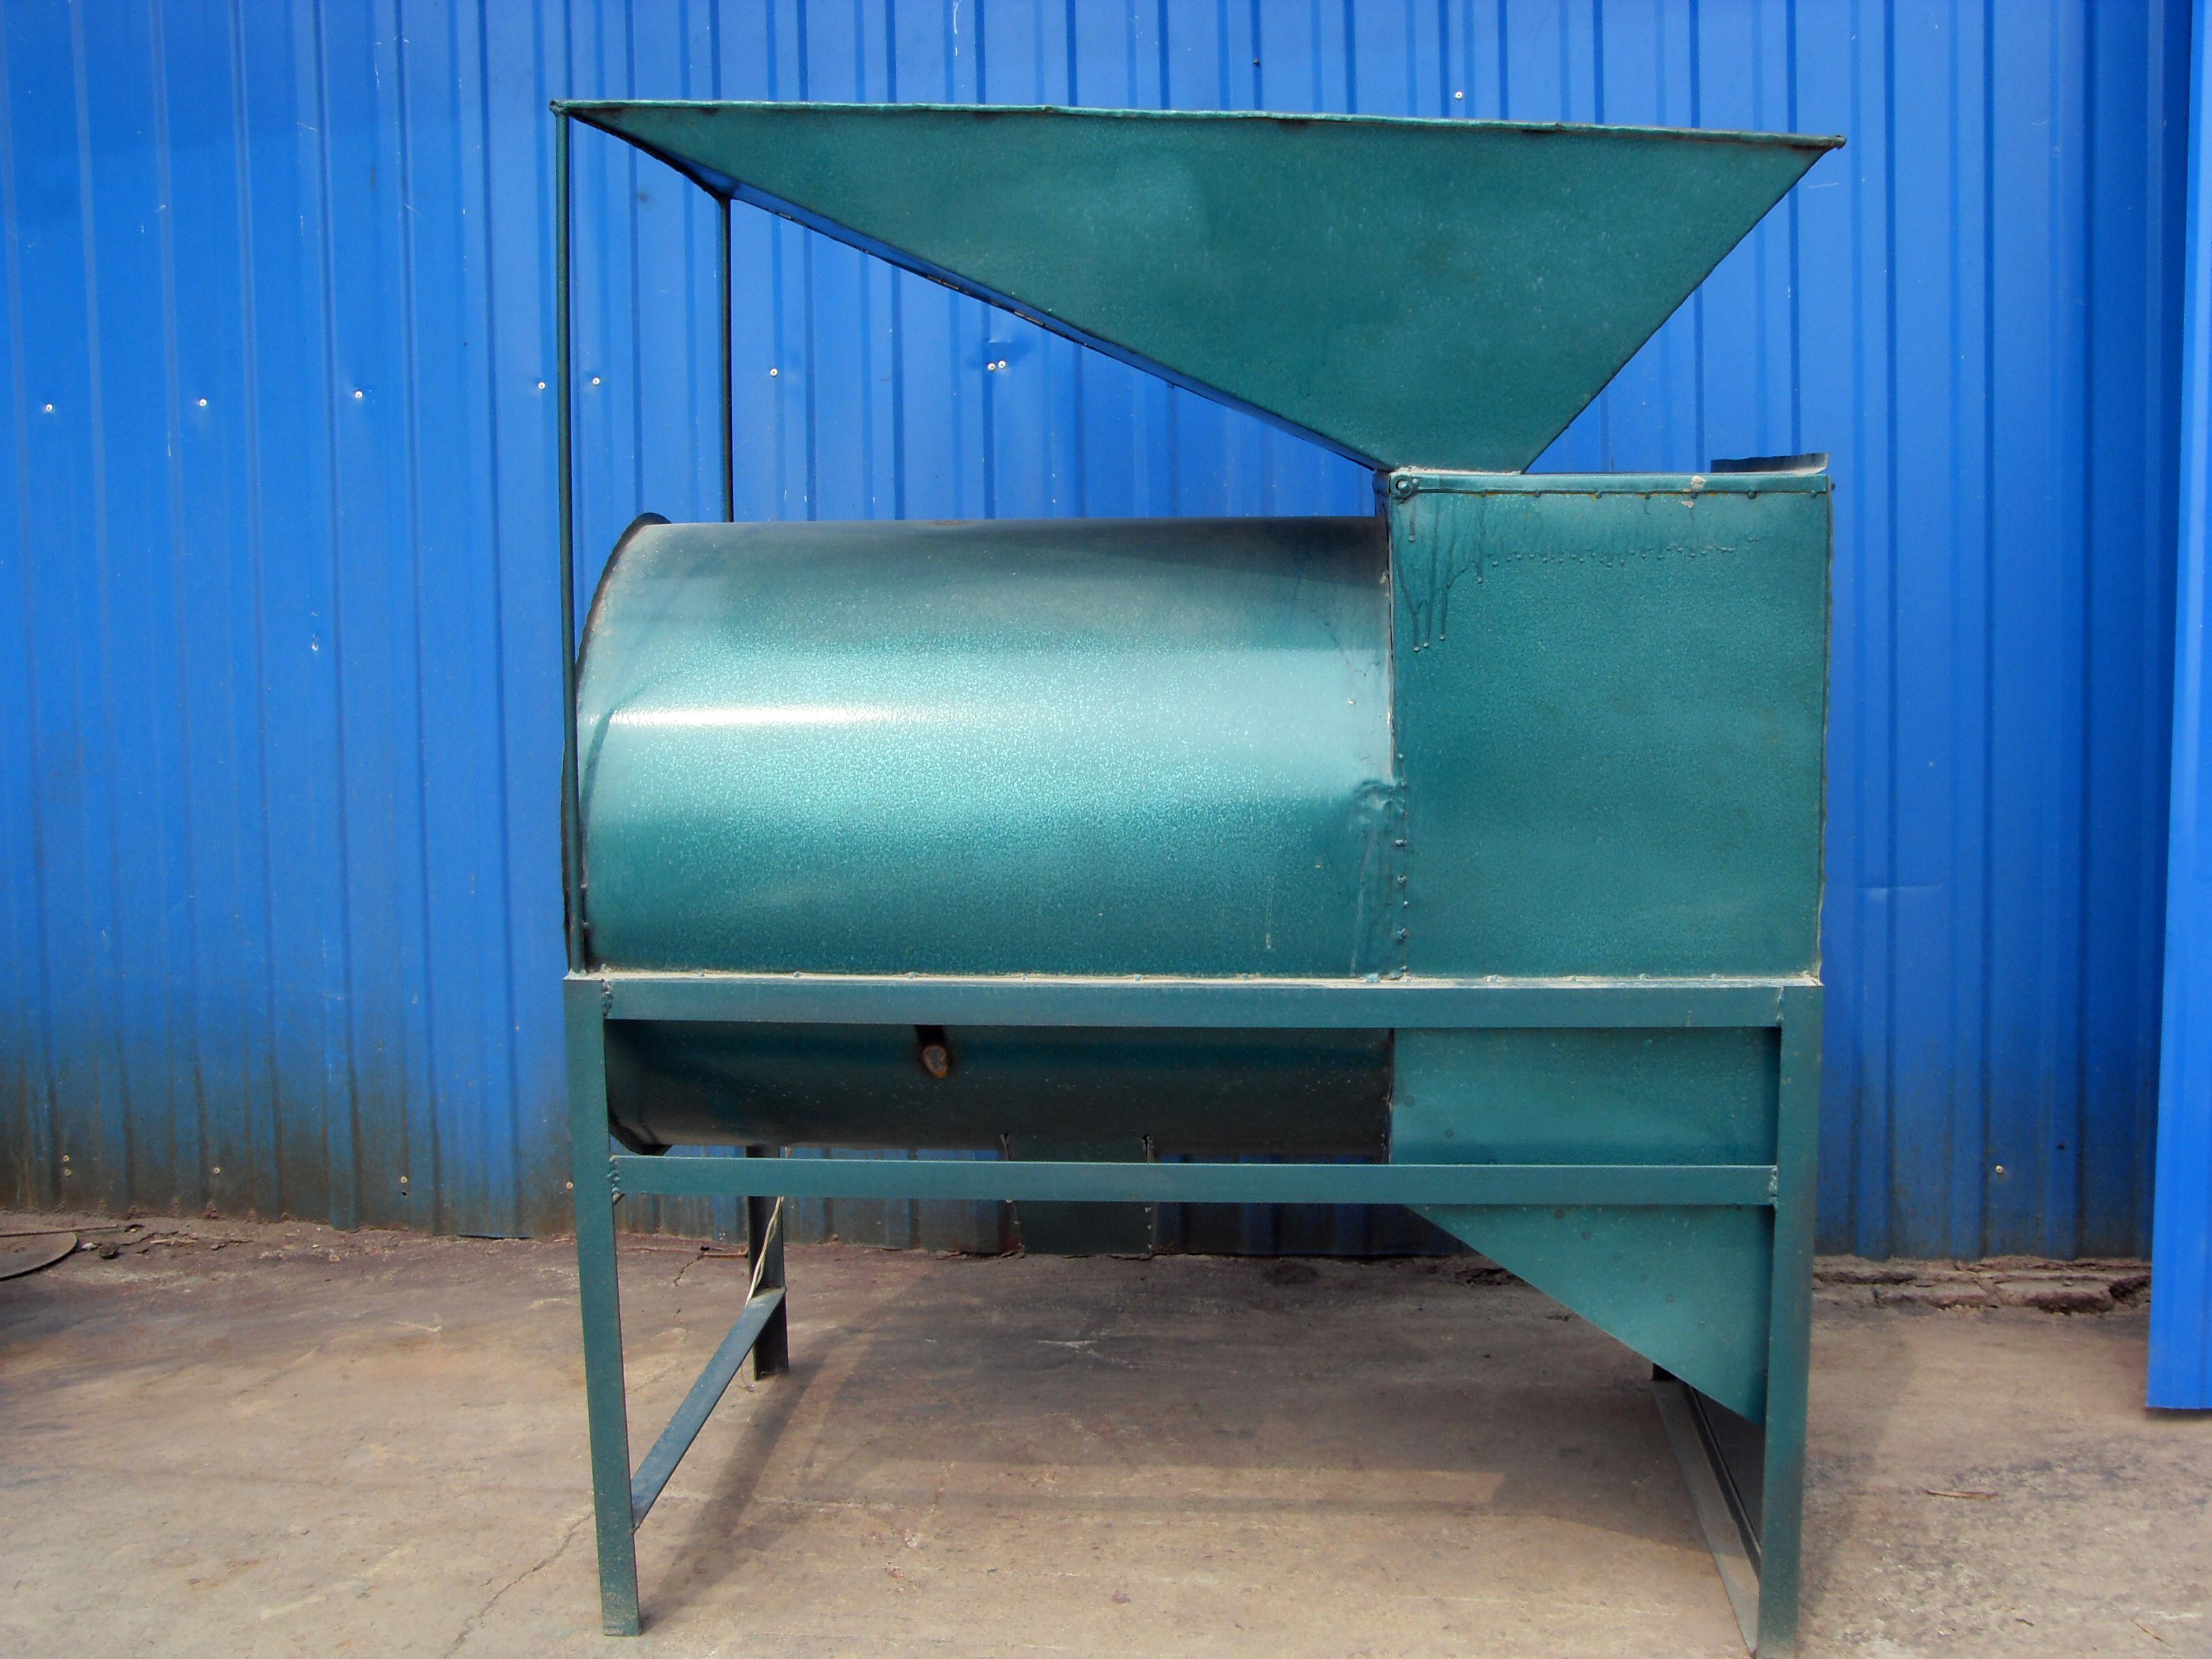 粮食专业风选机厂家-好用的粮食专业风选机在哪买